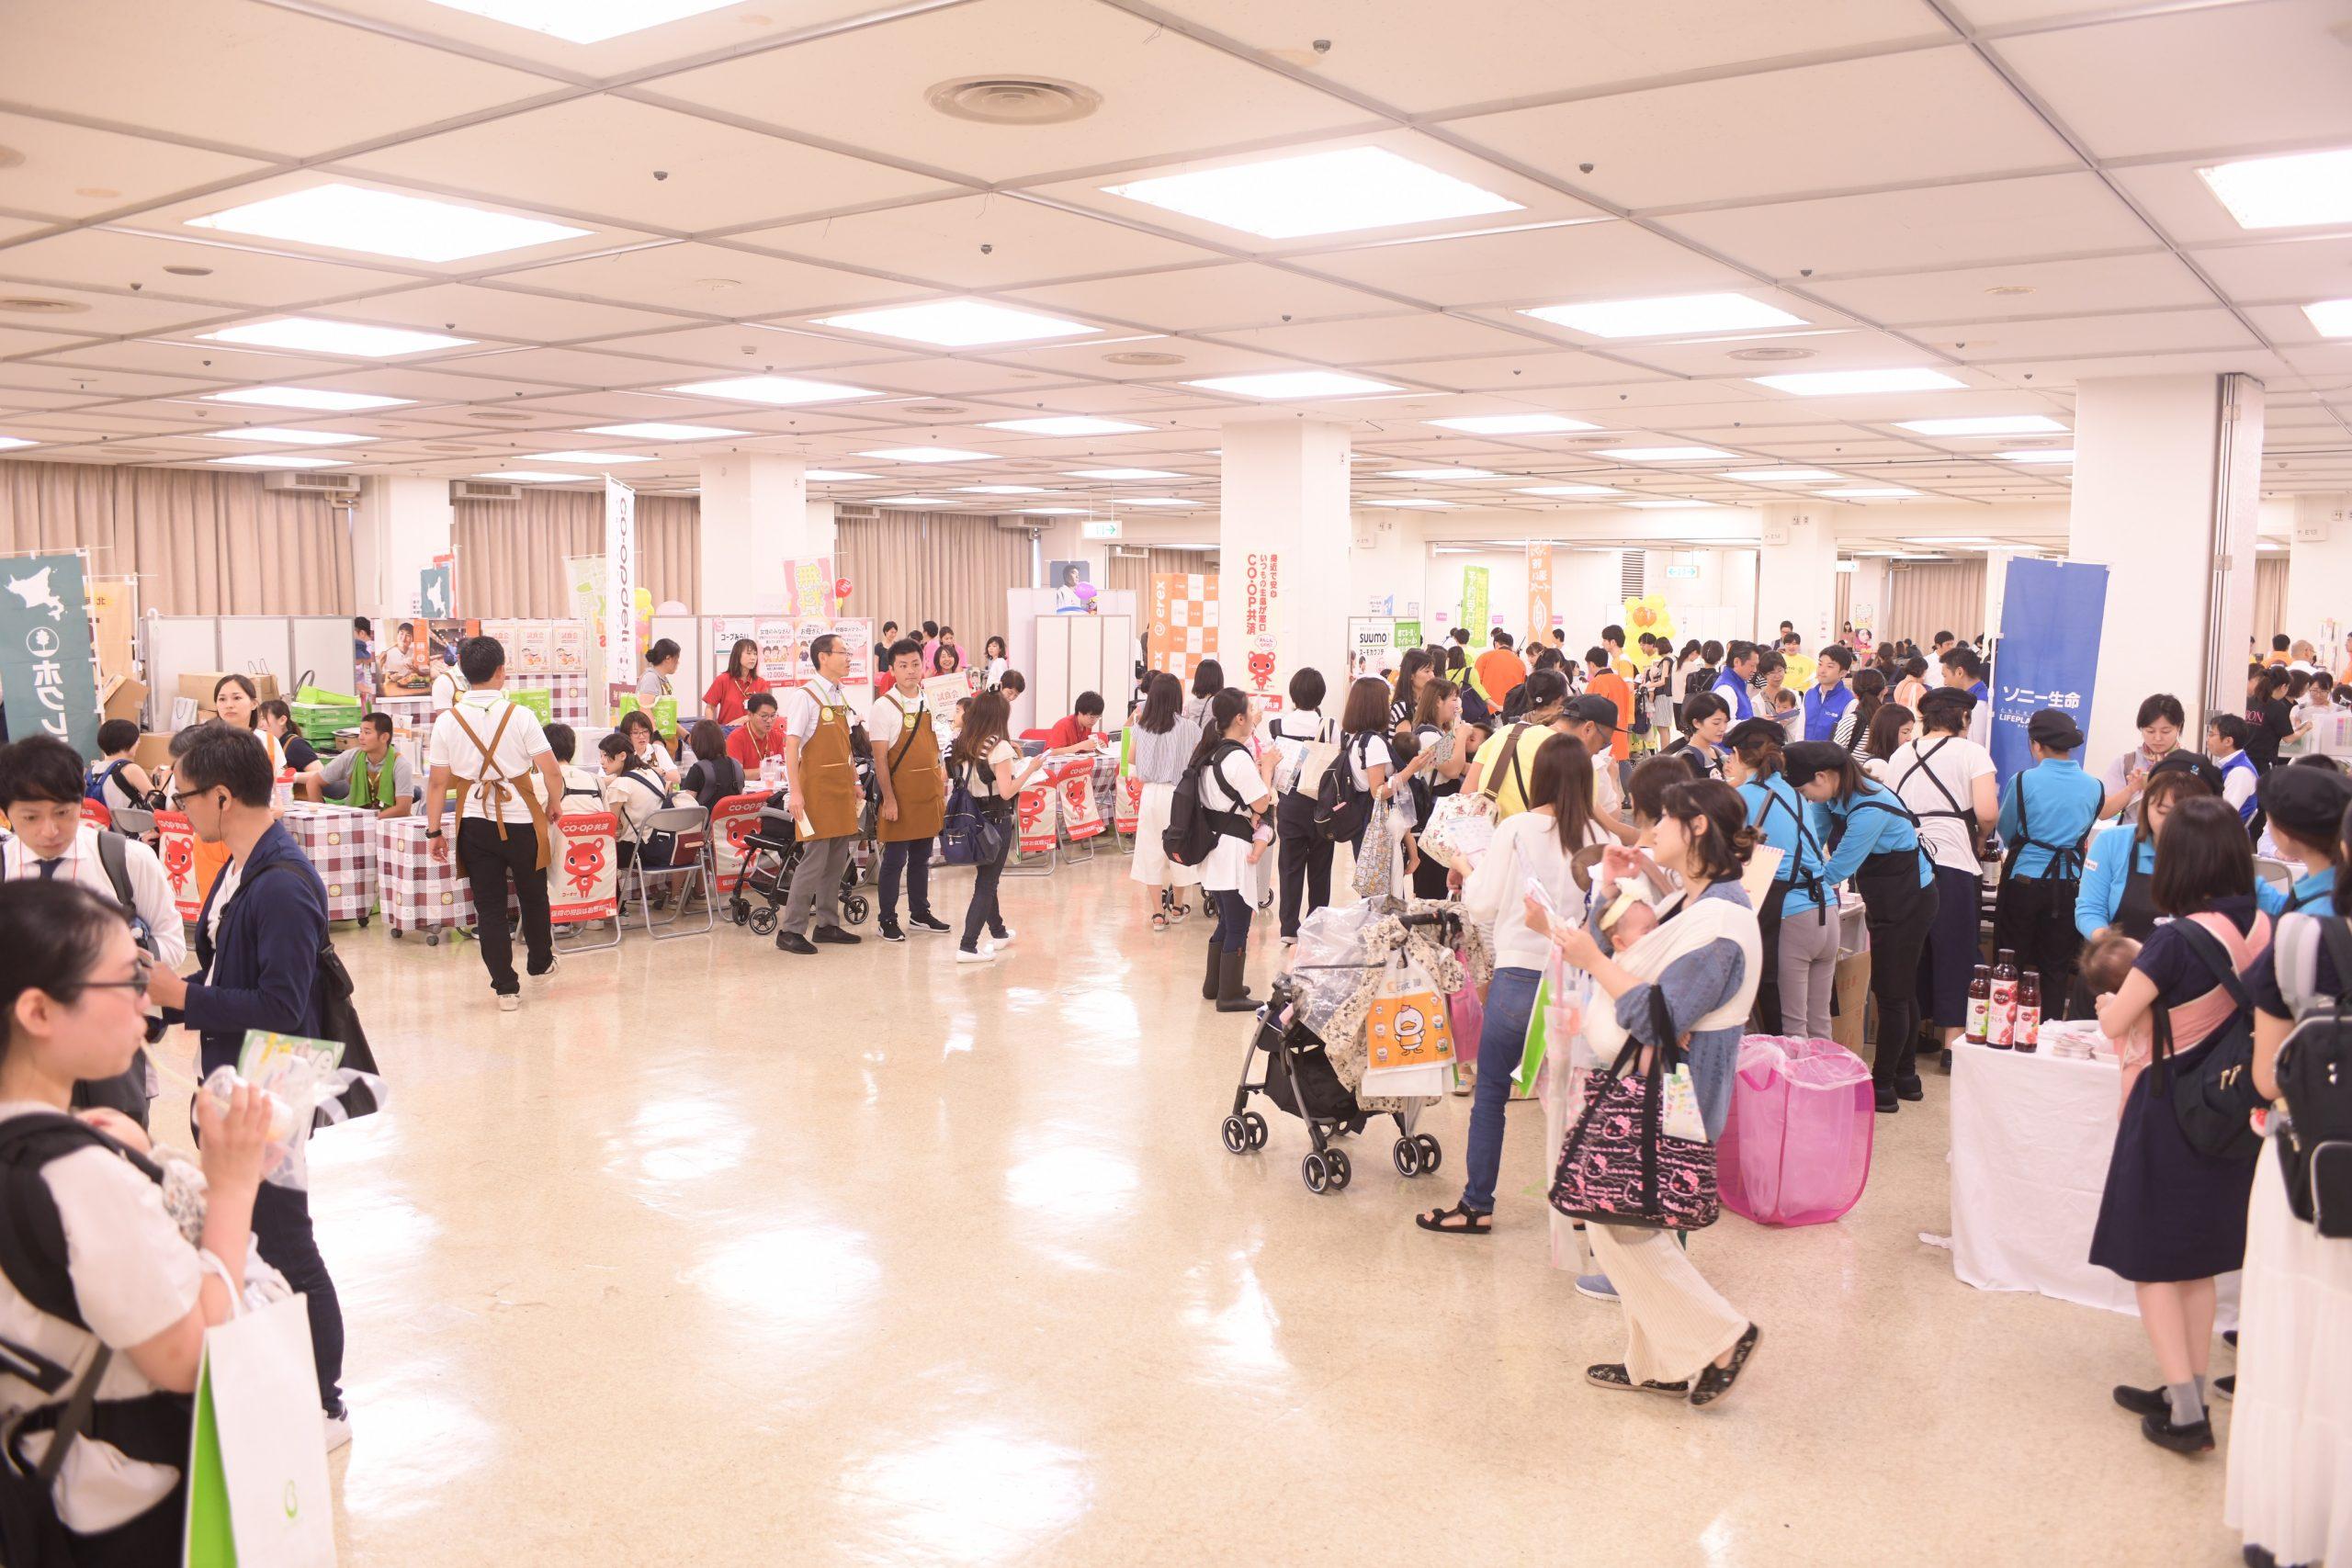 リトル・ママフェスタは 日本各地で毎回すごい賑わいを見せている 国内最大級のファミリーイベント